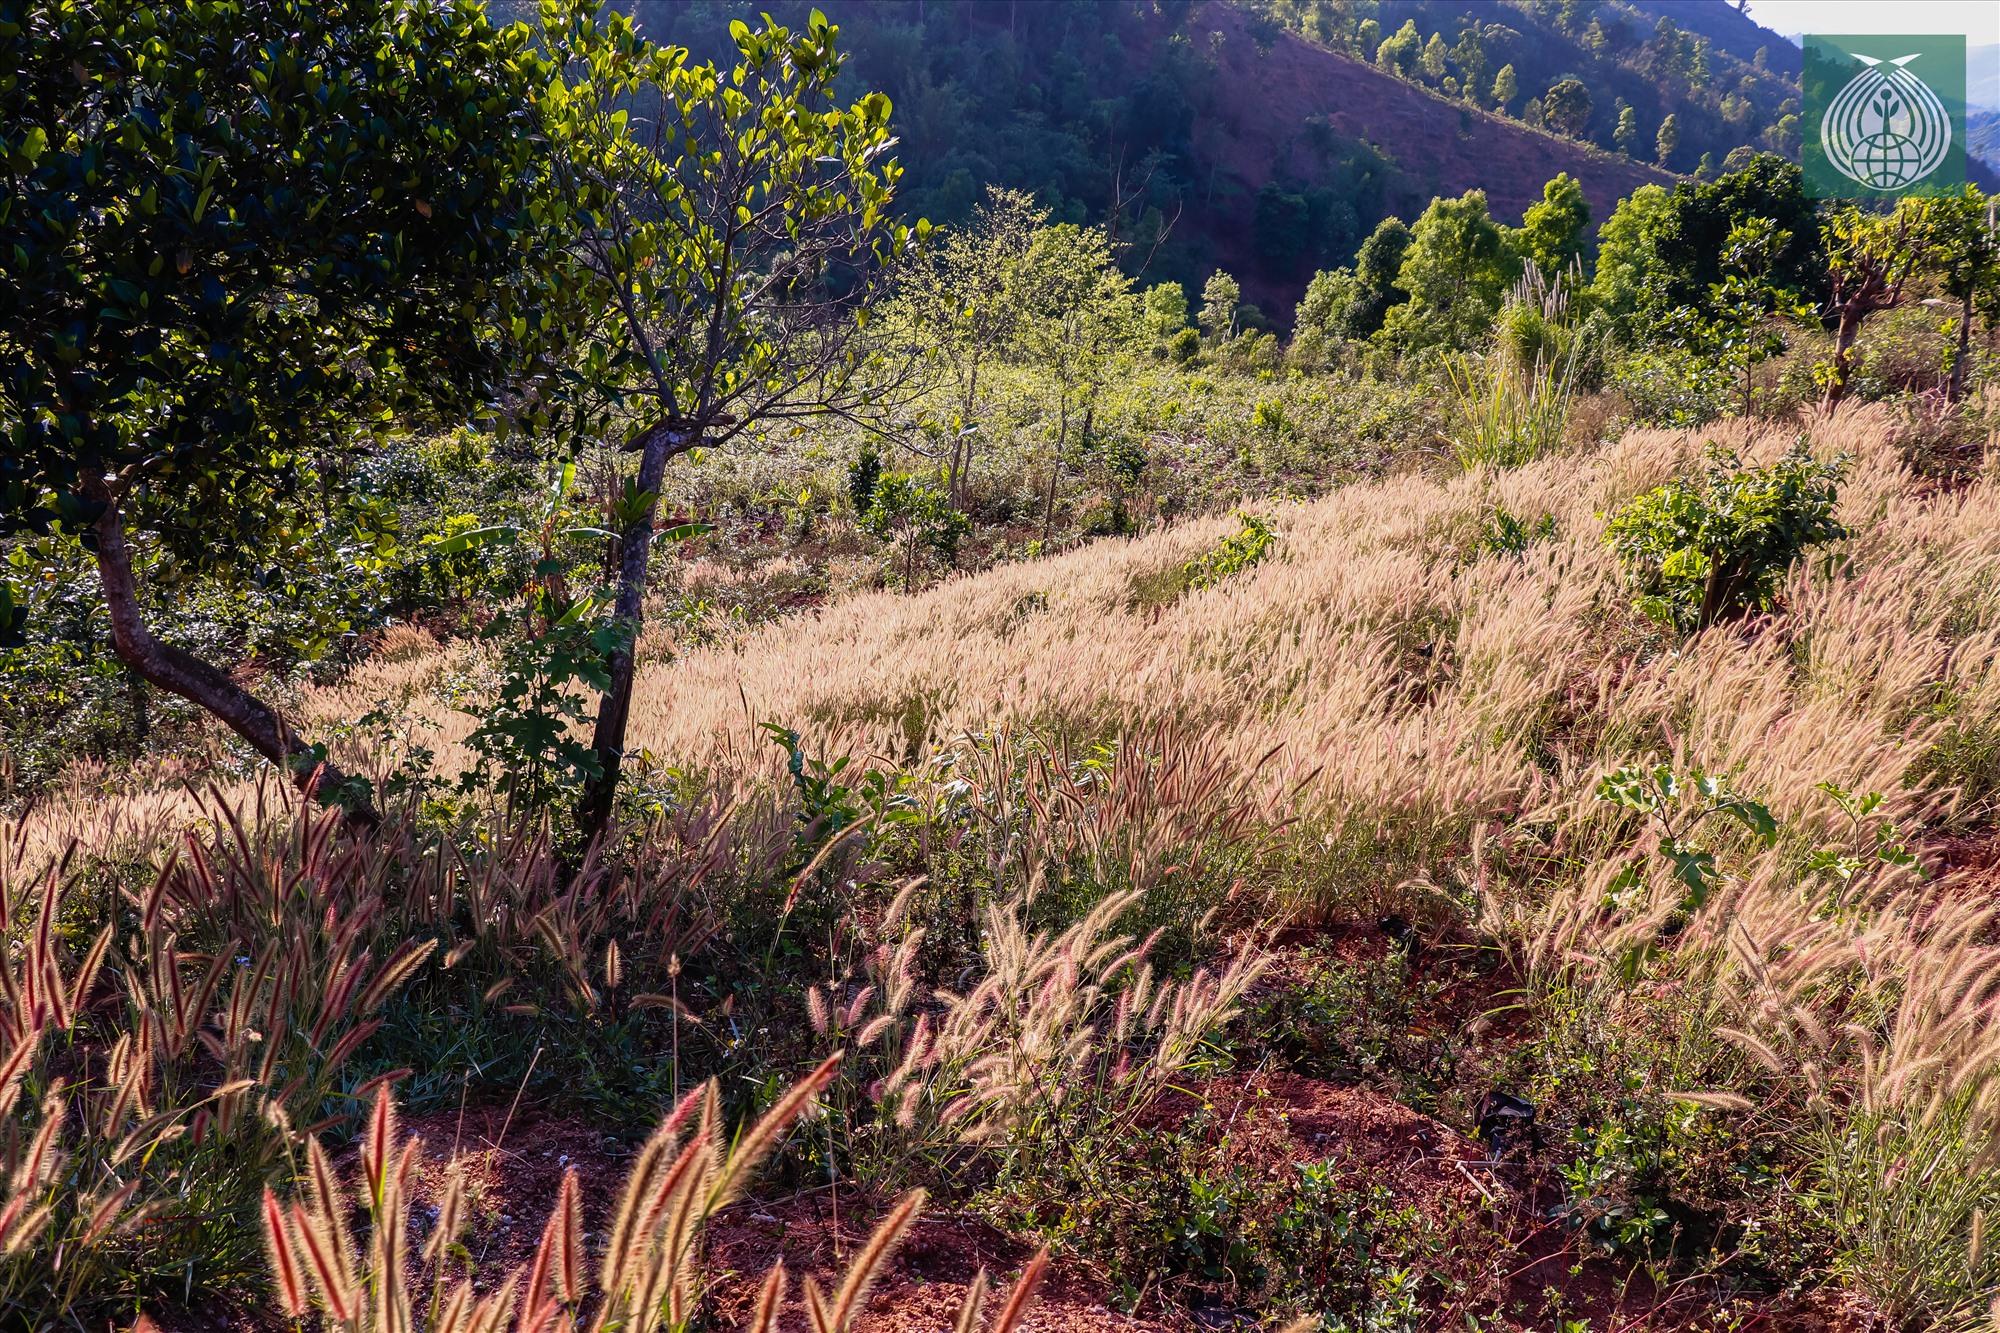 Dưới ánh nắng vàng mùa xuân, đồi cỏ lau đã tạo nên một cảnh đẹp thơ mộng nơi miền tây Quảng Trị.